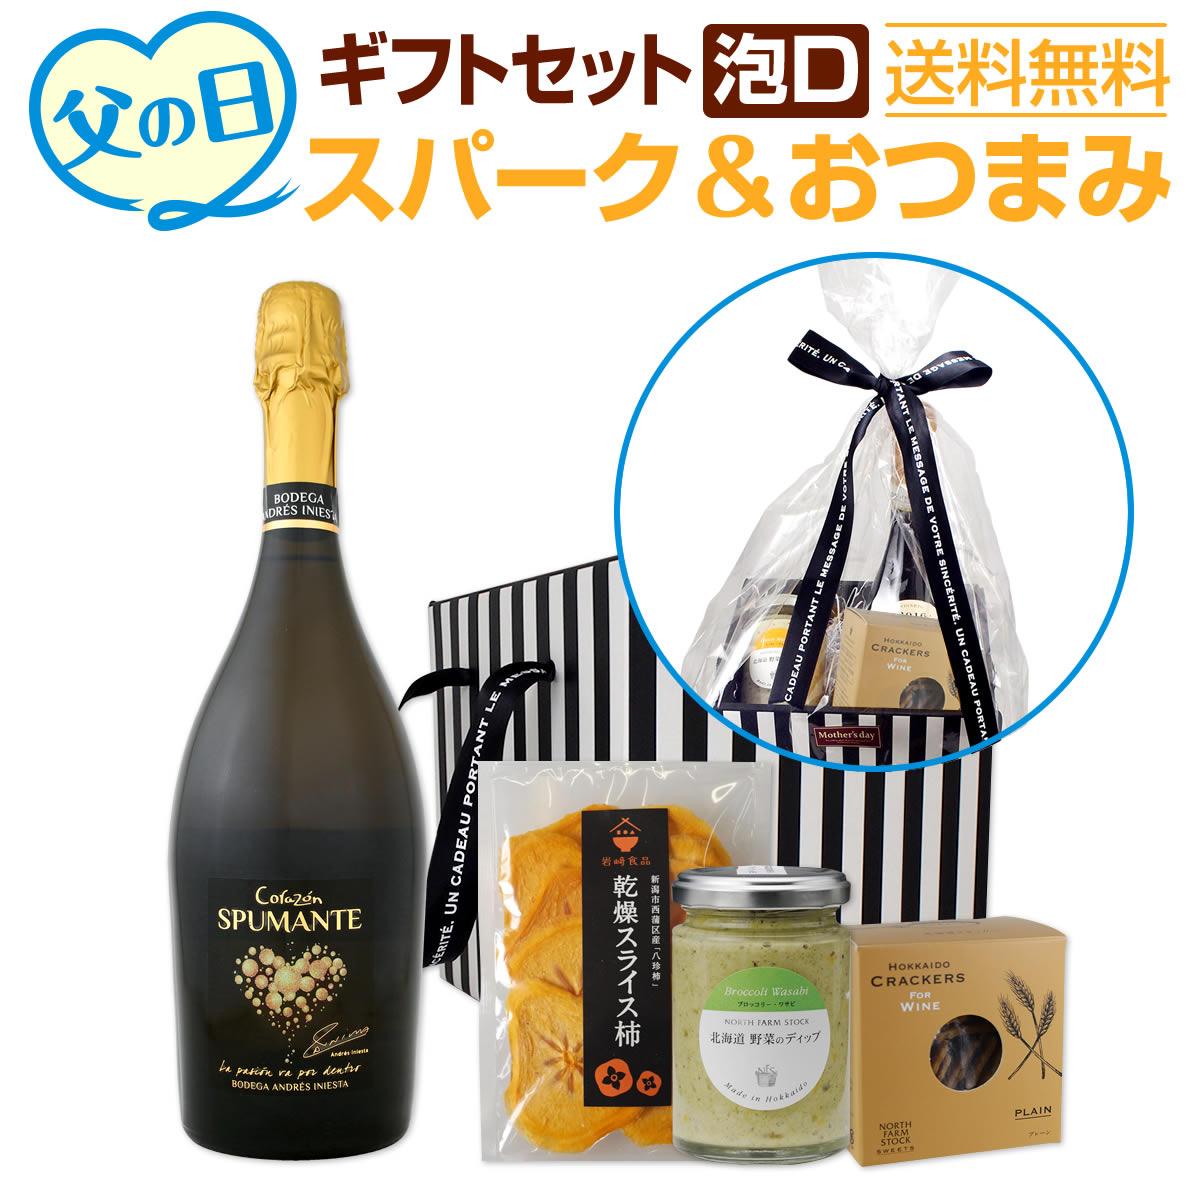 【送料無料】父の日ギフトセット泡Dギフトプレゼント ギフト プレゼント 食品 おつまみセット 誕生日 酒 ワイン セット スパークリングワイン